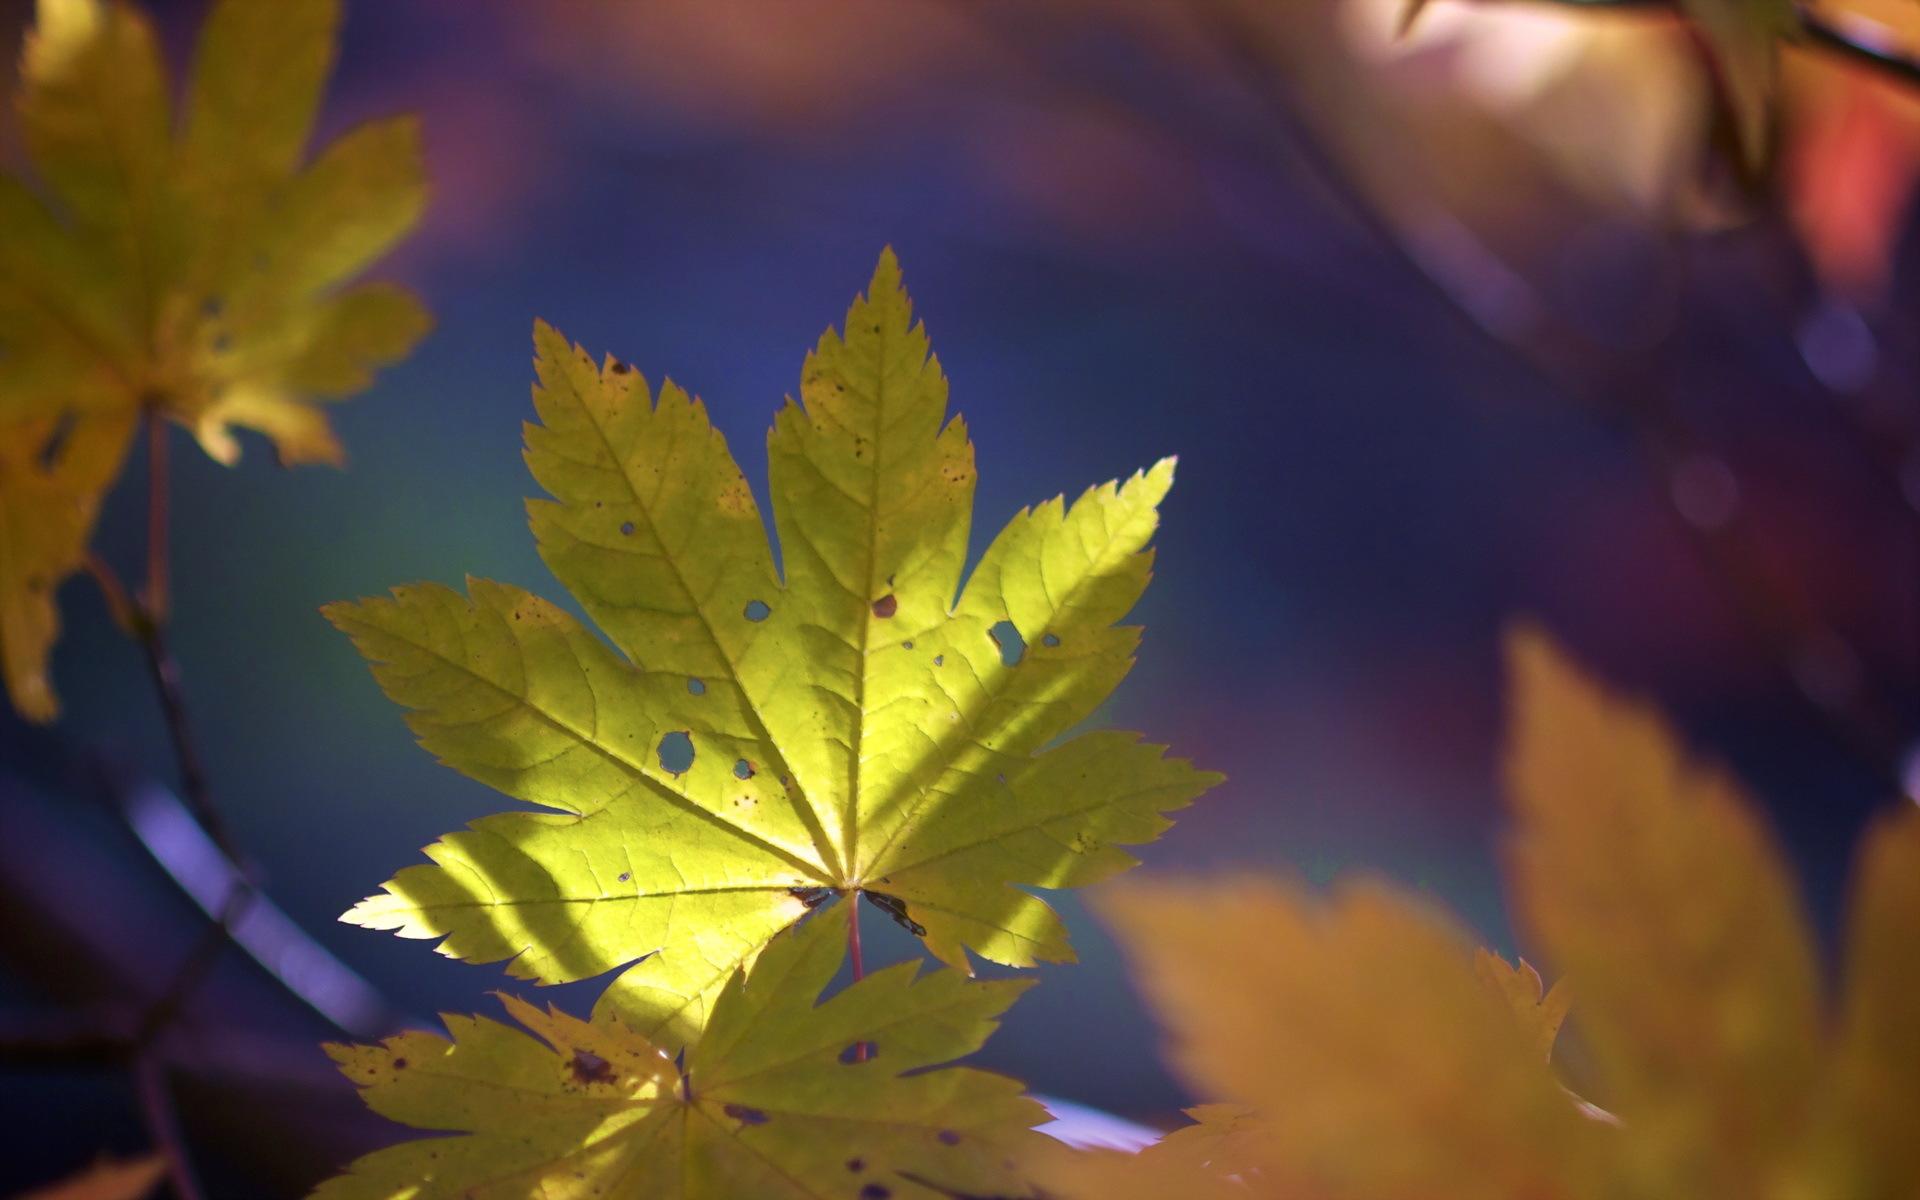 природа лист осень  № 543298 бесплатно